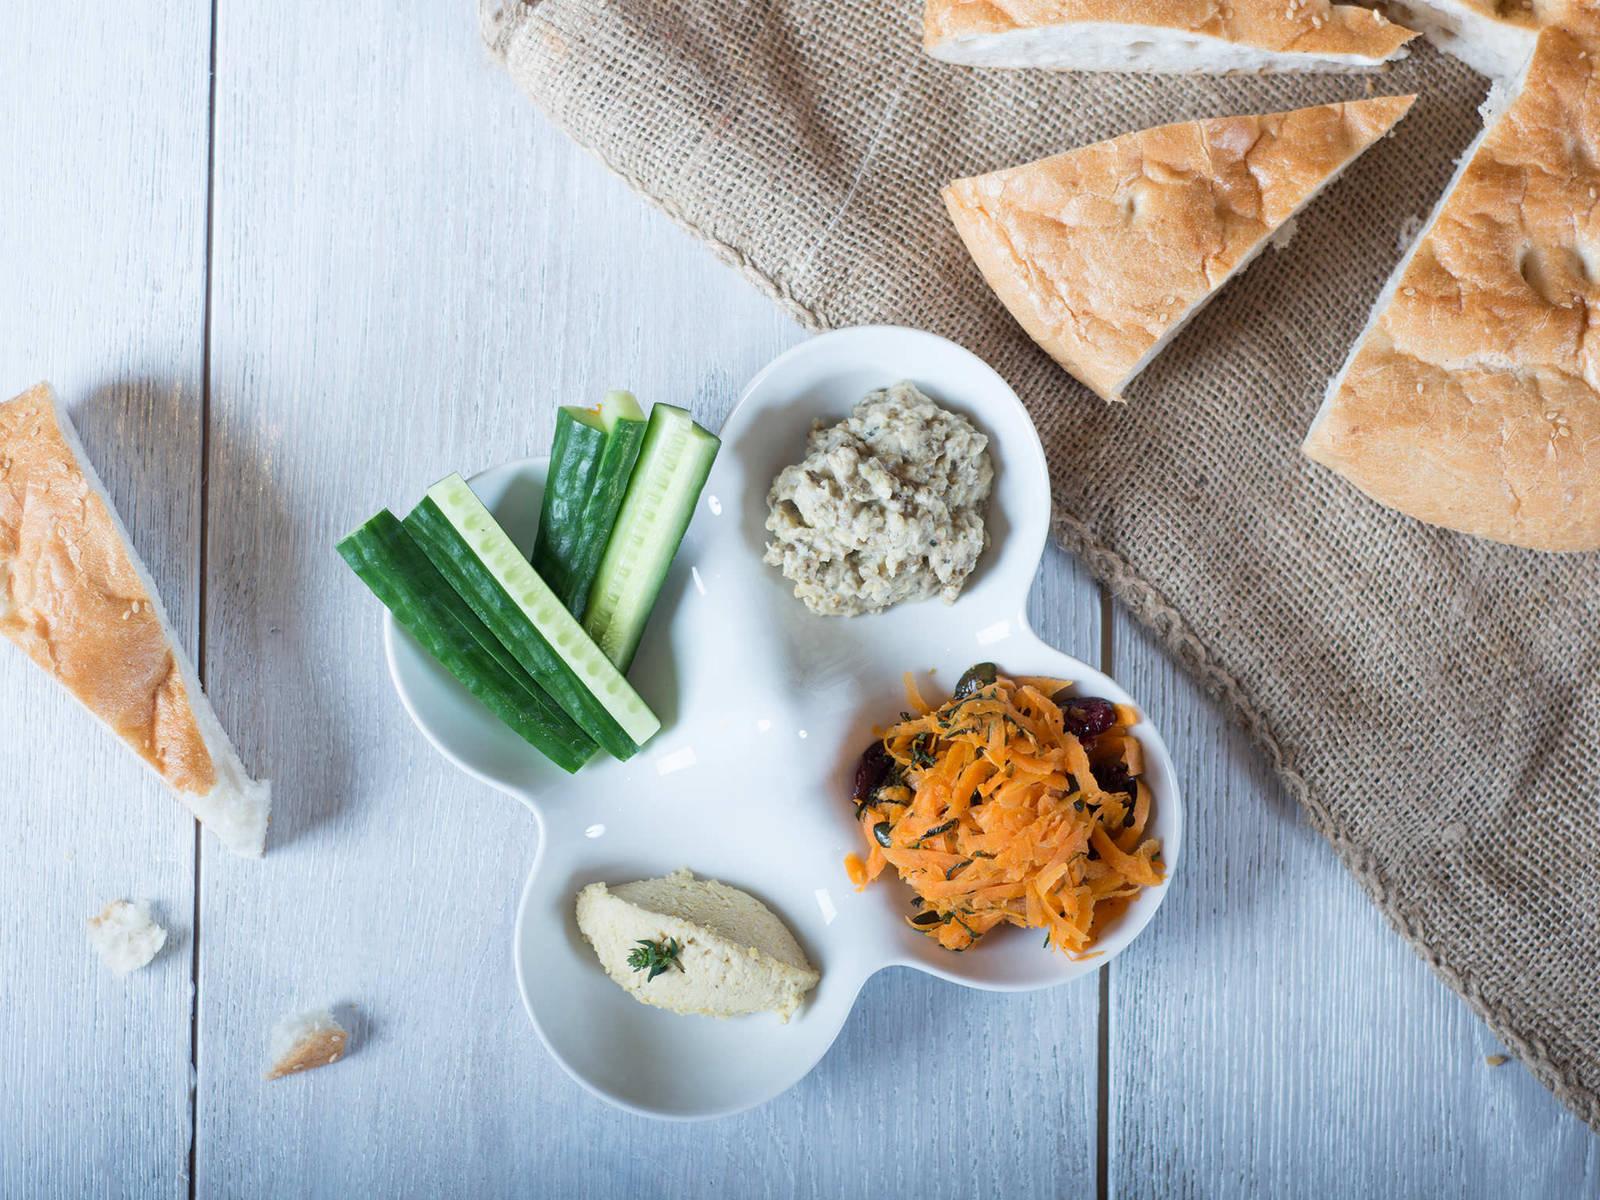 地中海风味蔬菜拼盘